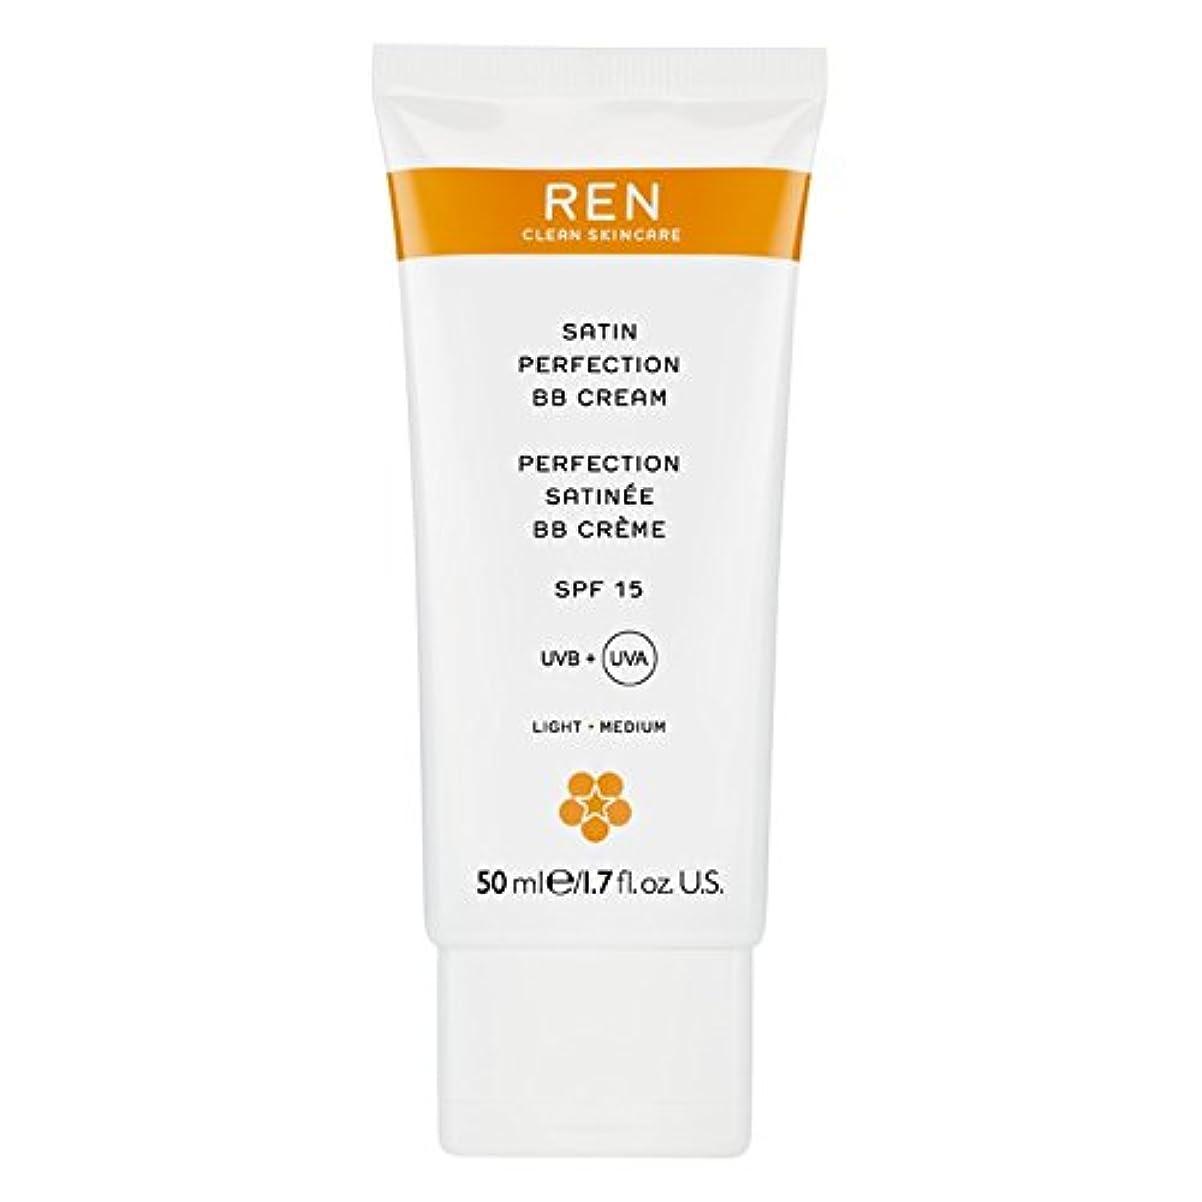 スカリー資産魅力的であることへのアピールRenサテン完璧Bbクリーム50ミリリットル (REN) (x2) - REN Satin Perfection BB Cream 50ml (Pack of 2) [並行輸入品]